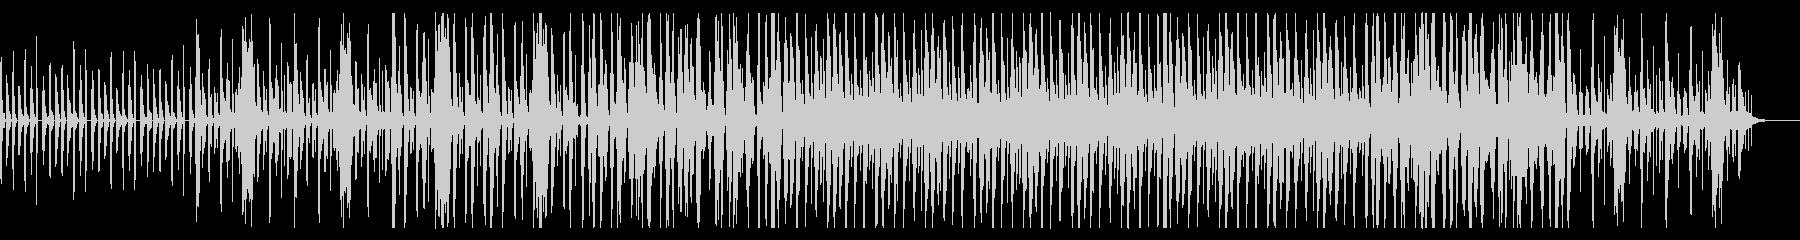 エレクトロなポップ ドリーミーな電子音楽の未再生の波形